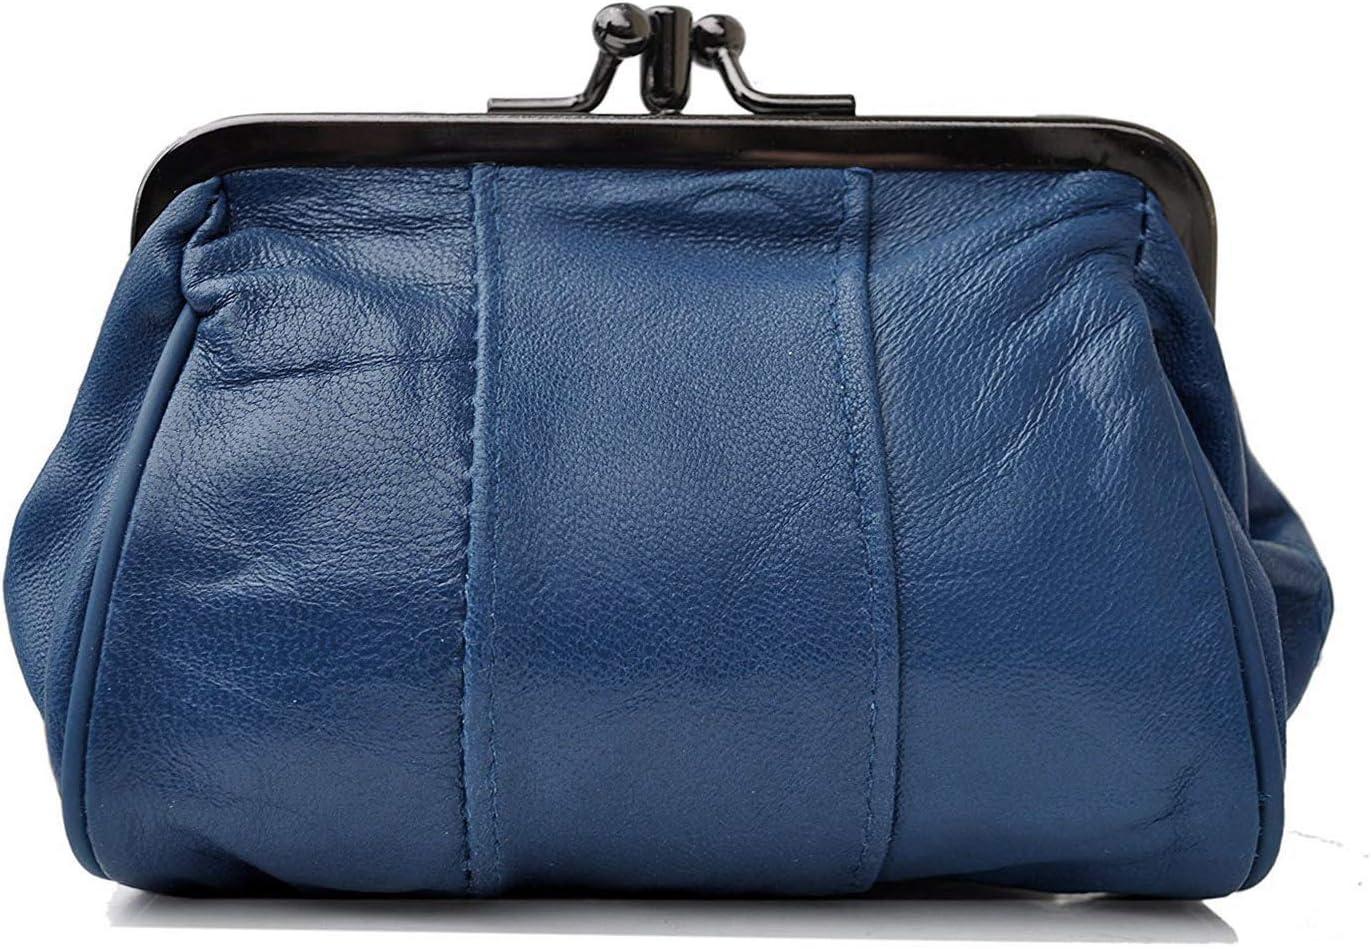 Fermoir clic clac en Cuir dagneau Femme Bleu Porte Monnaie 11 x 10 x 5 cm 2 Compartiments Sacha